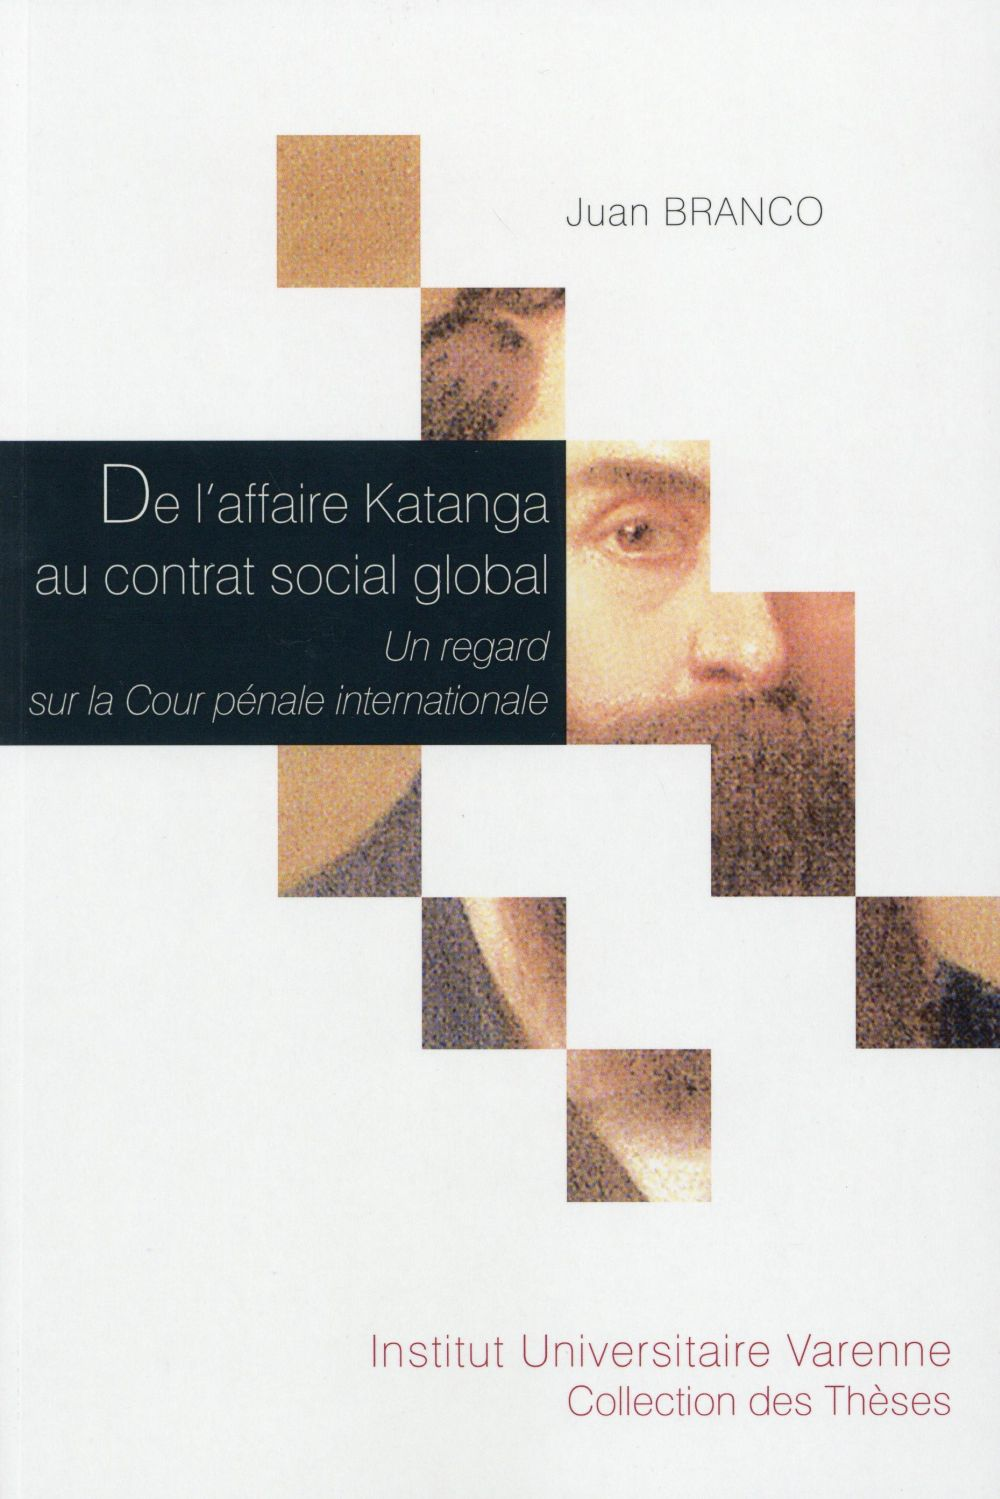 De l'affaire Katanga au contrat social global ; un regard sur la Cour pénale internationale